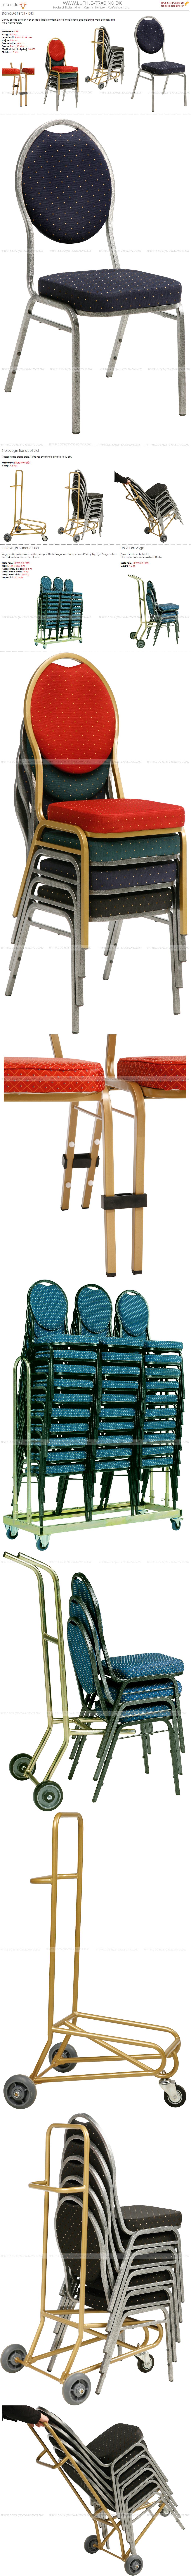 Stabelstol Banquet billig model med stålstel og polstret med blå stof med nistmønster